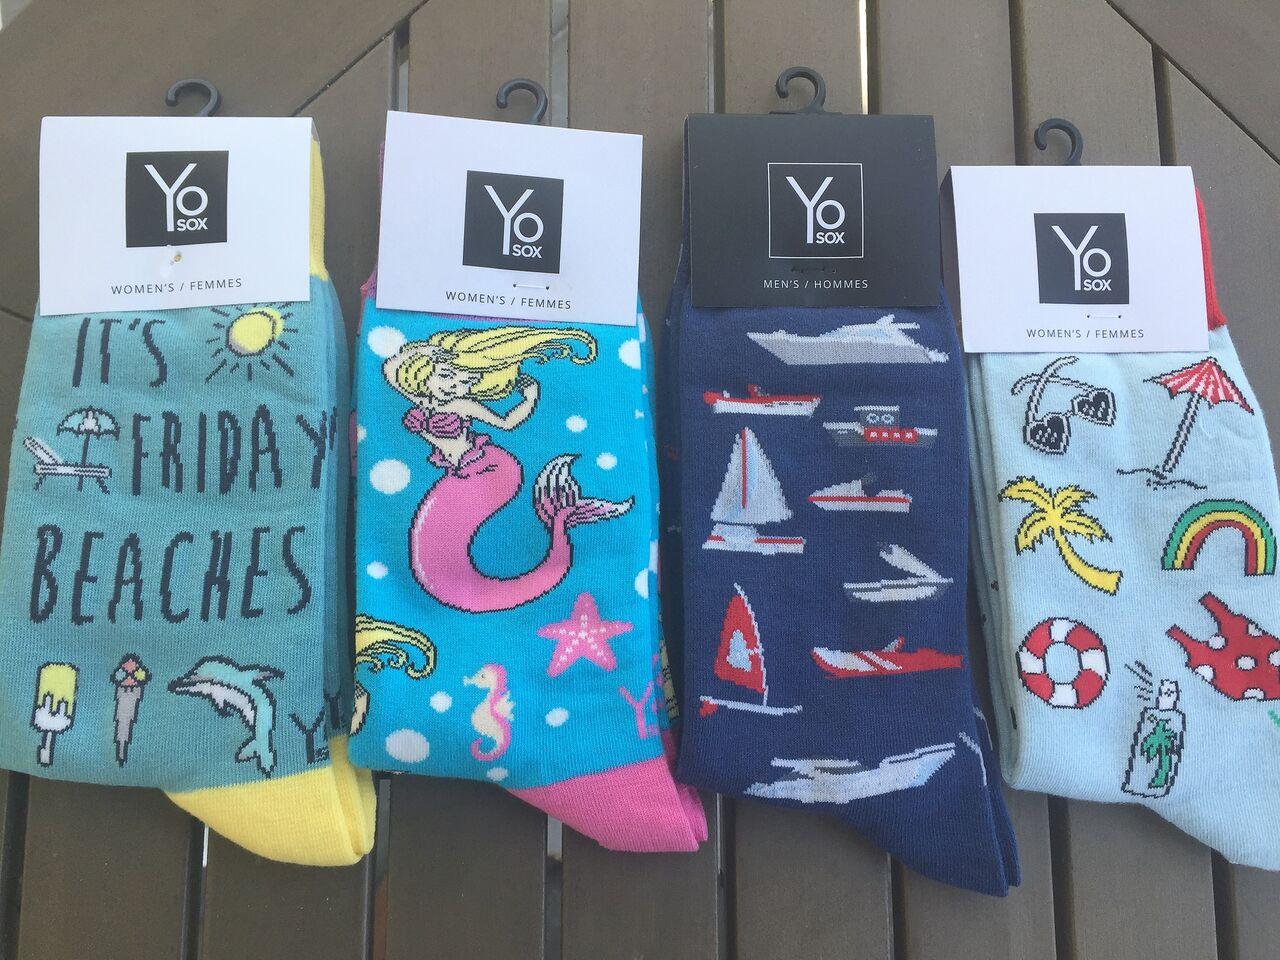 festive beach socks themed